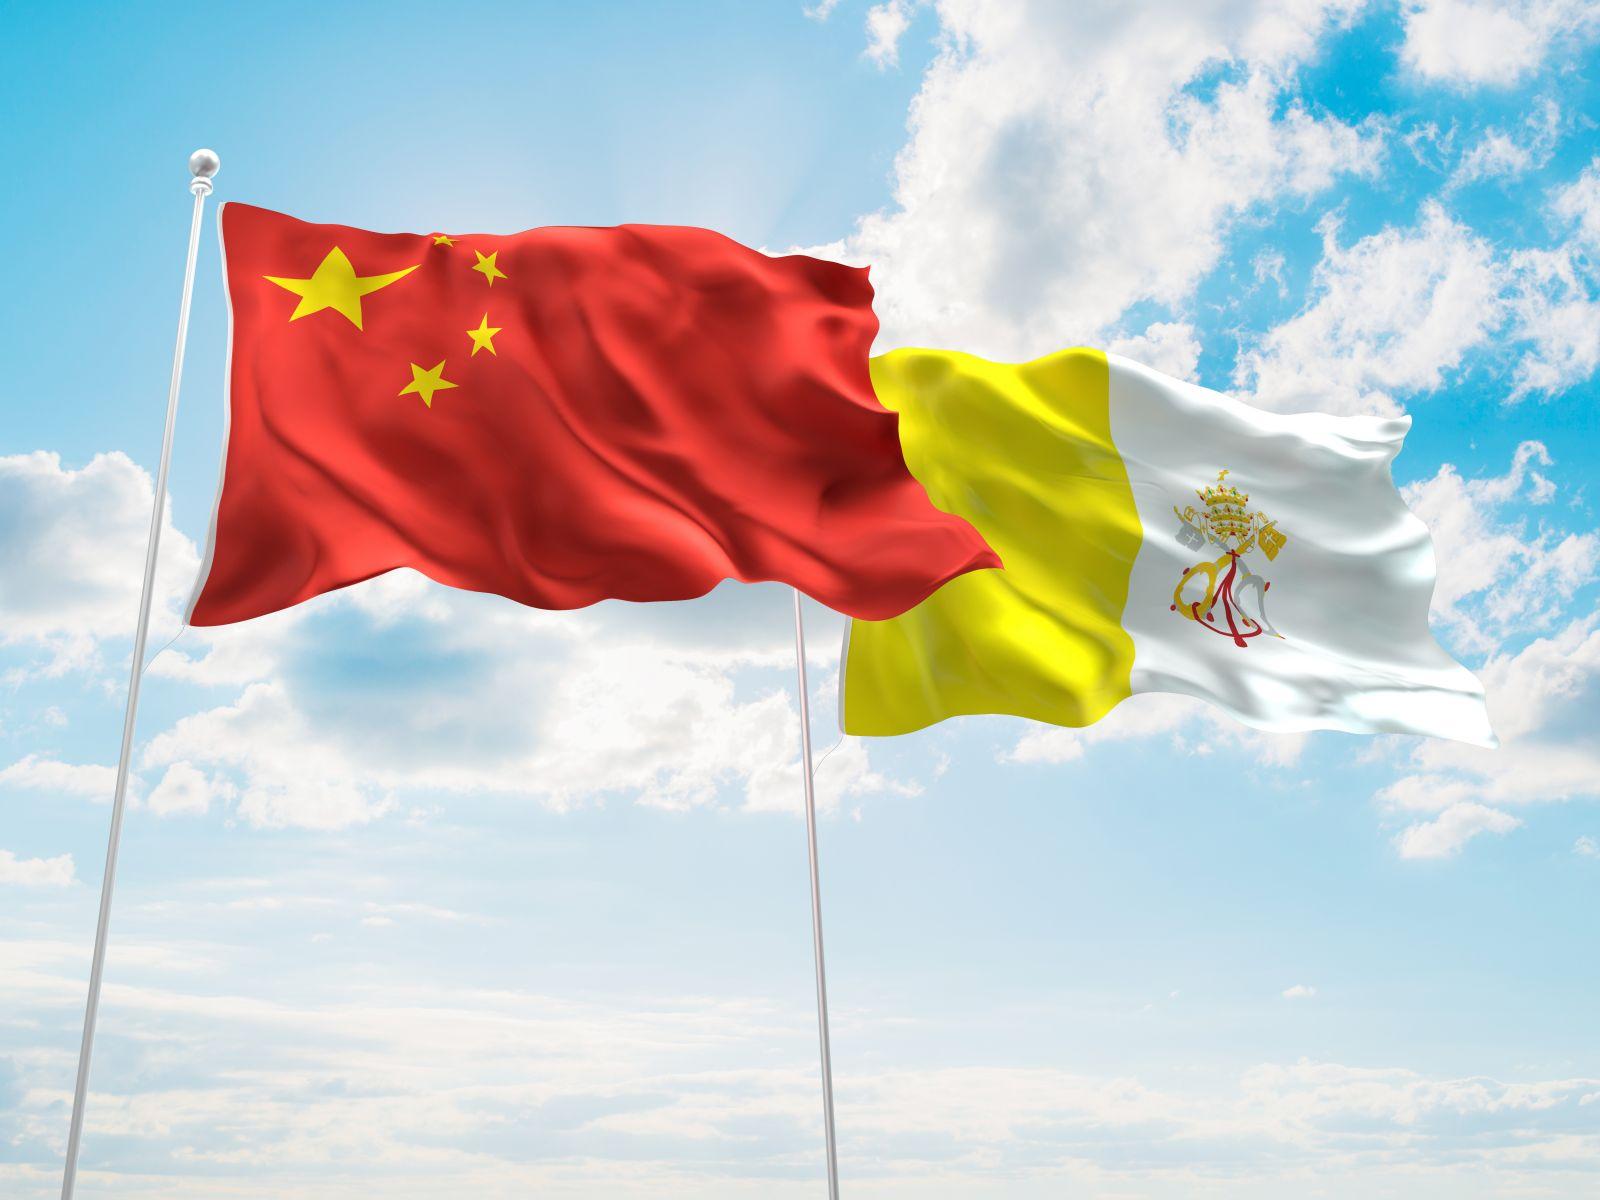 傳下周將與中國簽主教協議 梵蒂岡:外交上承認台灣